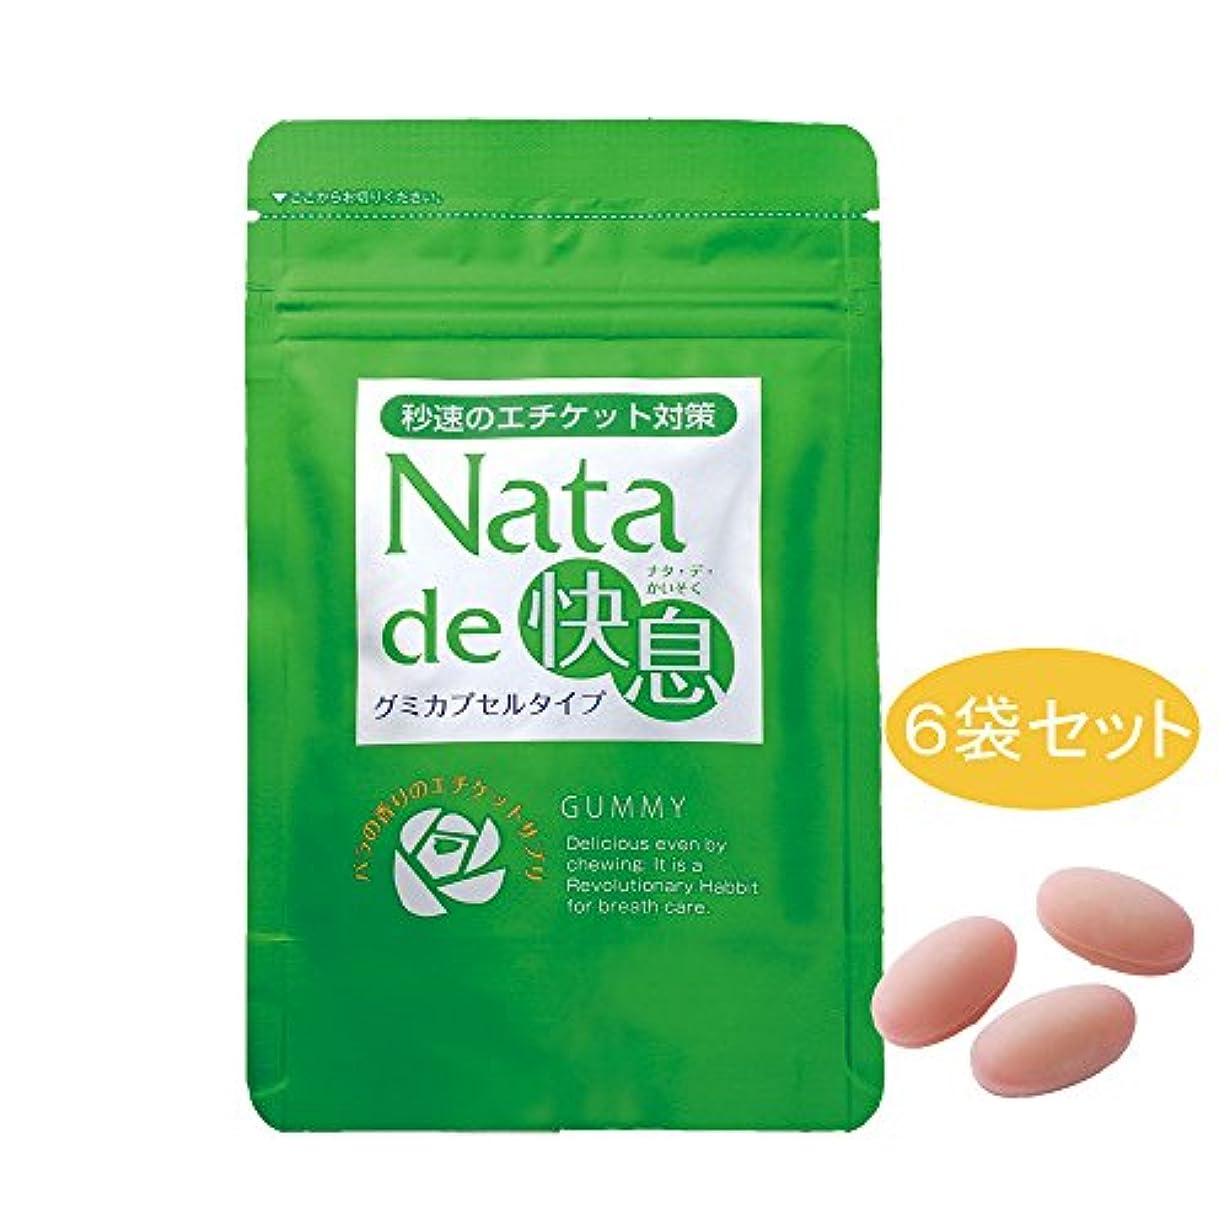 承認する合併症静脈ナタデ快息 バラの香り 6袋